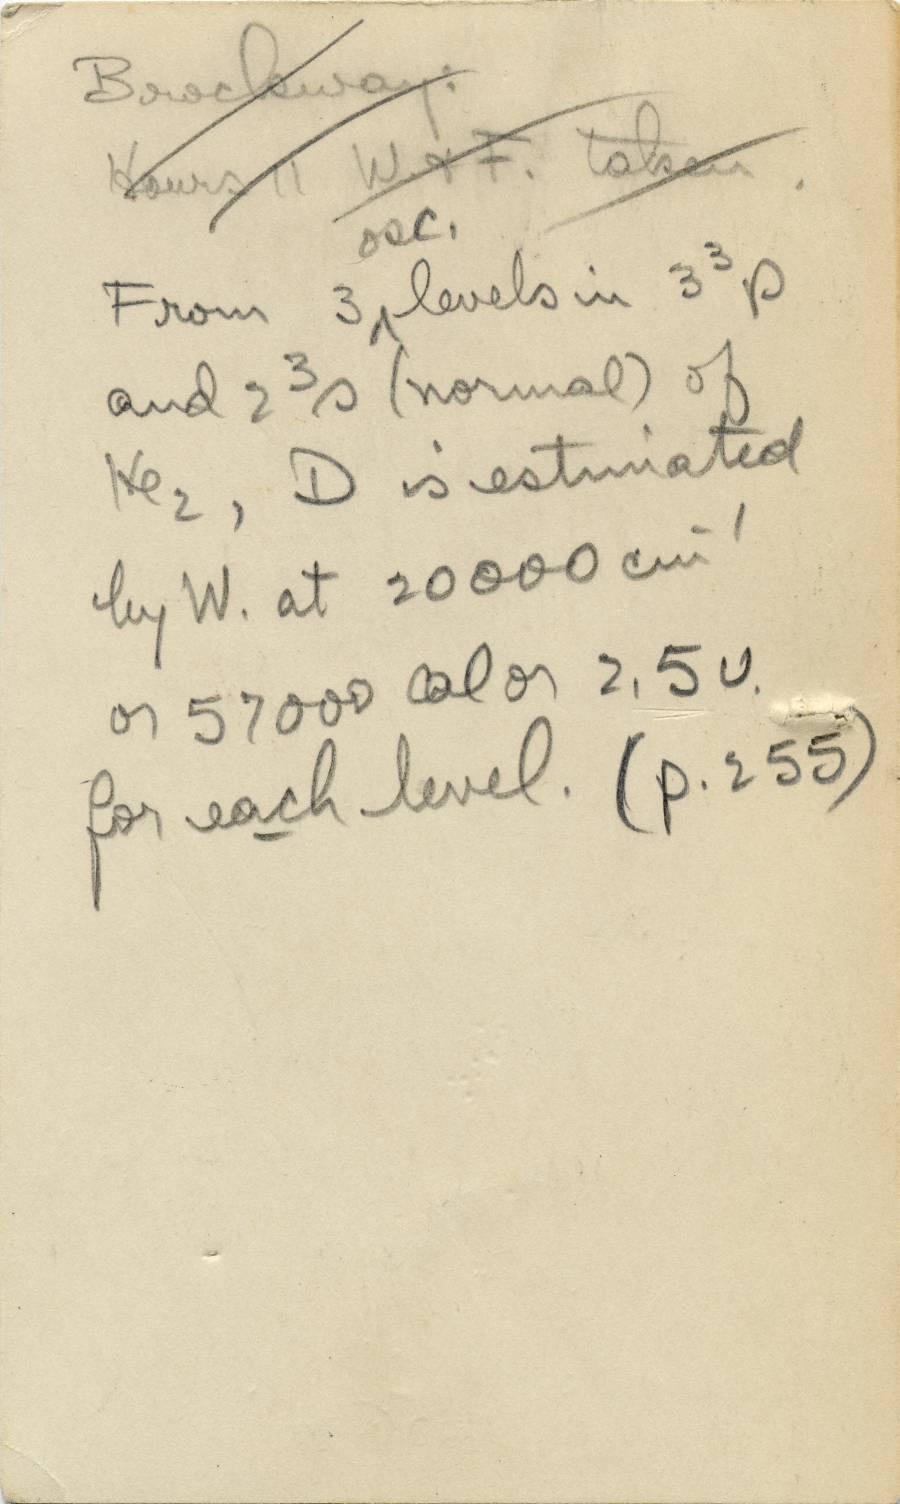 Manuscript - Page 30a